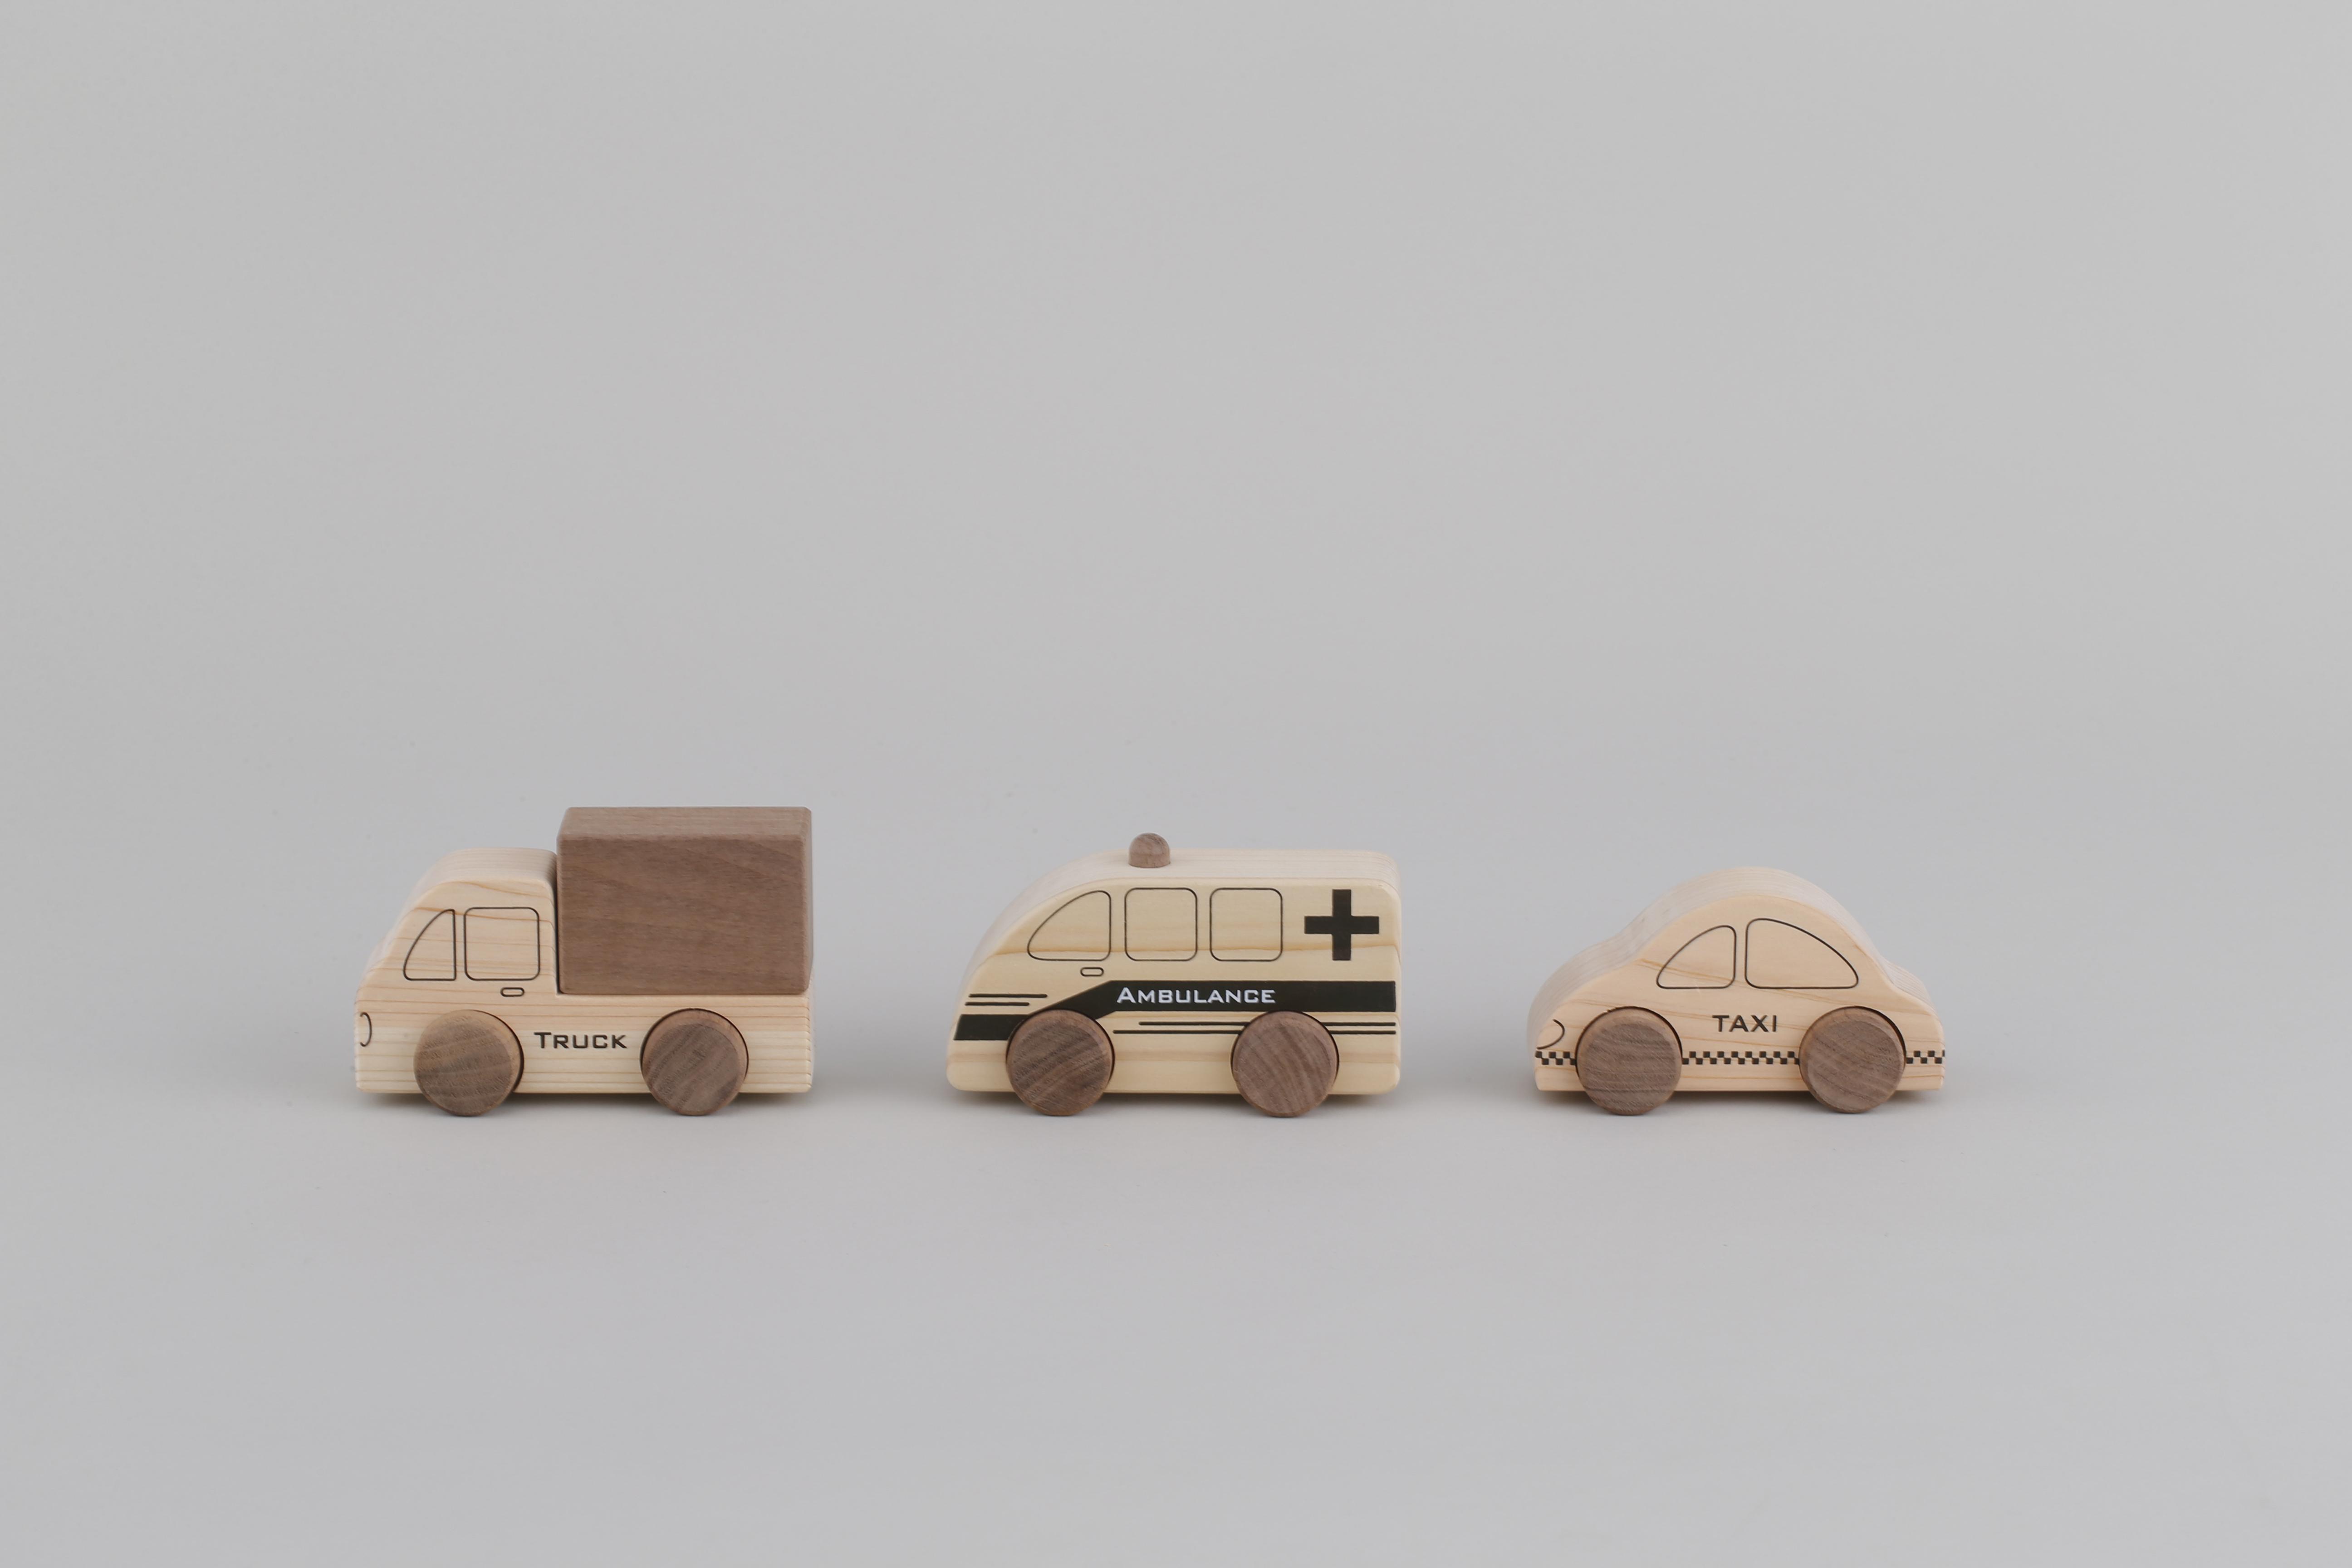 はたらく車シリーズ VEHICLE SERIES | 木のおもちゃ 出産祝い 車のおもちゃ